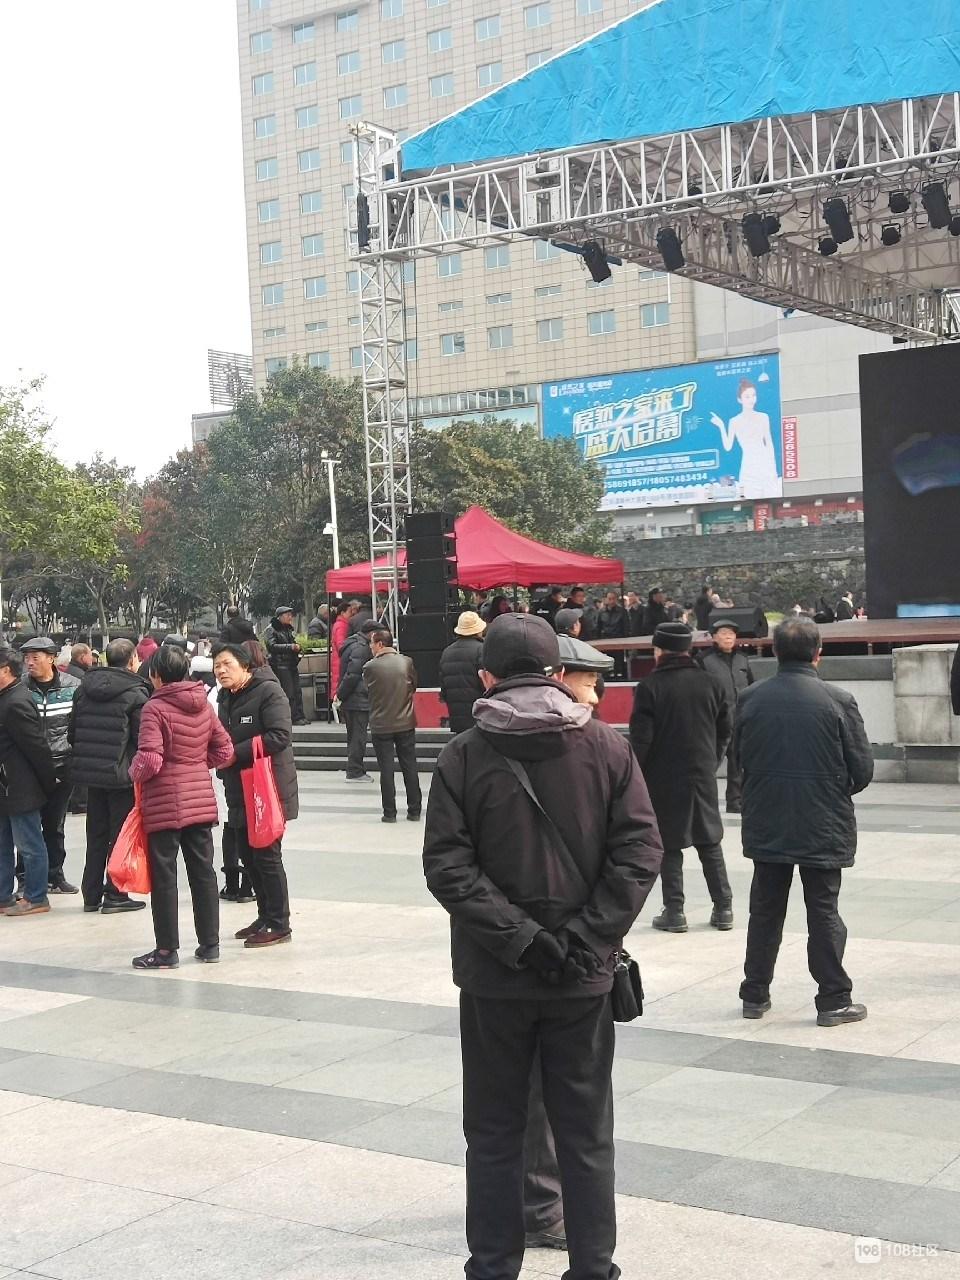 文化广场舞台灯光已搭好,噶多人闻讯赶来,热闹咕!